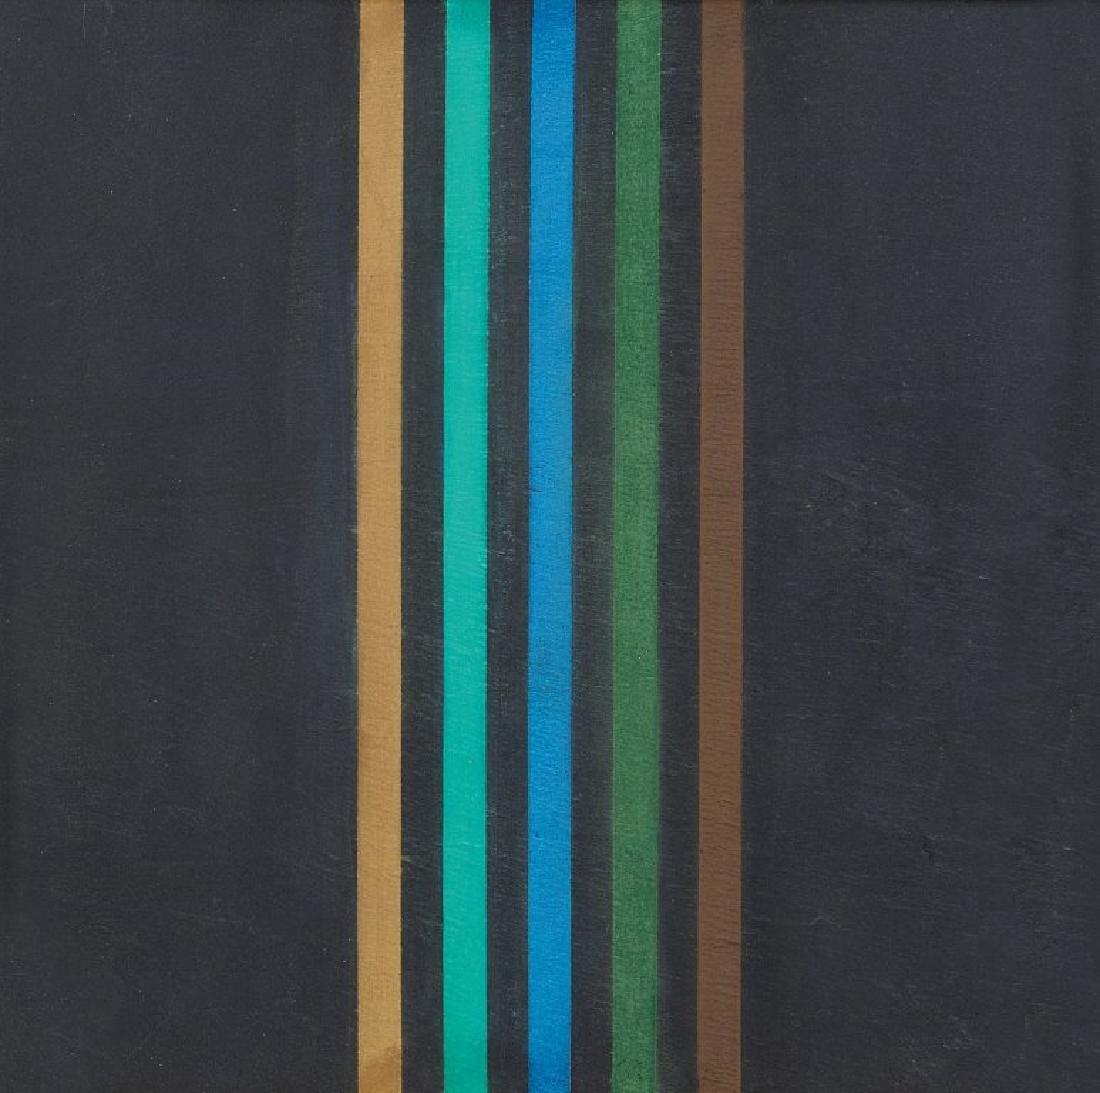 ELIO MARCHEGIANI (1929-)  Grammature di colore